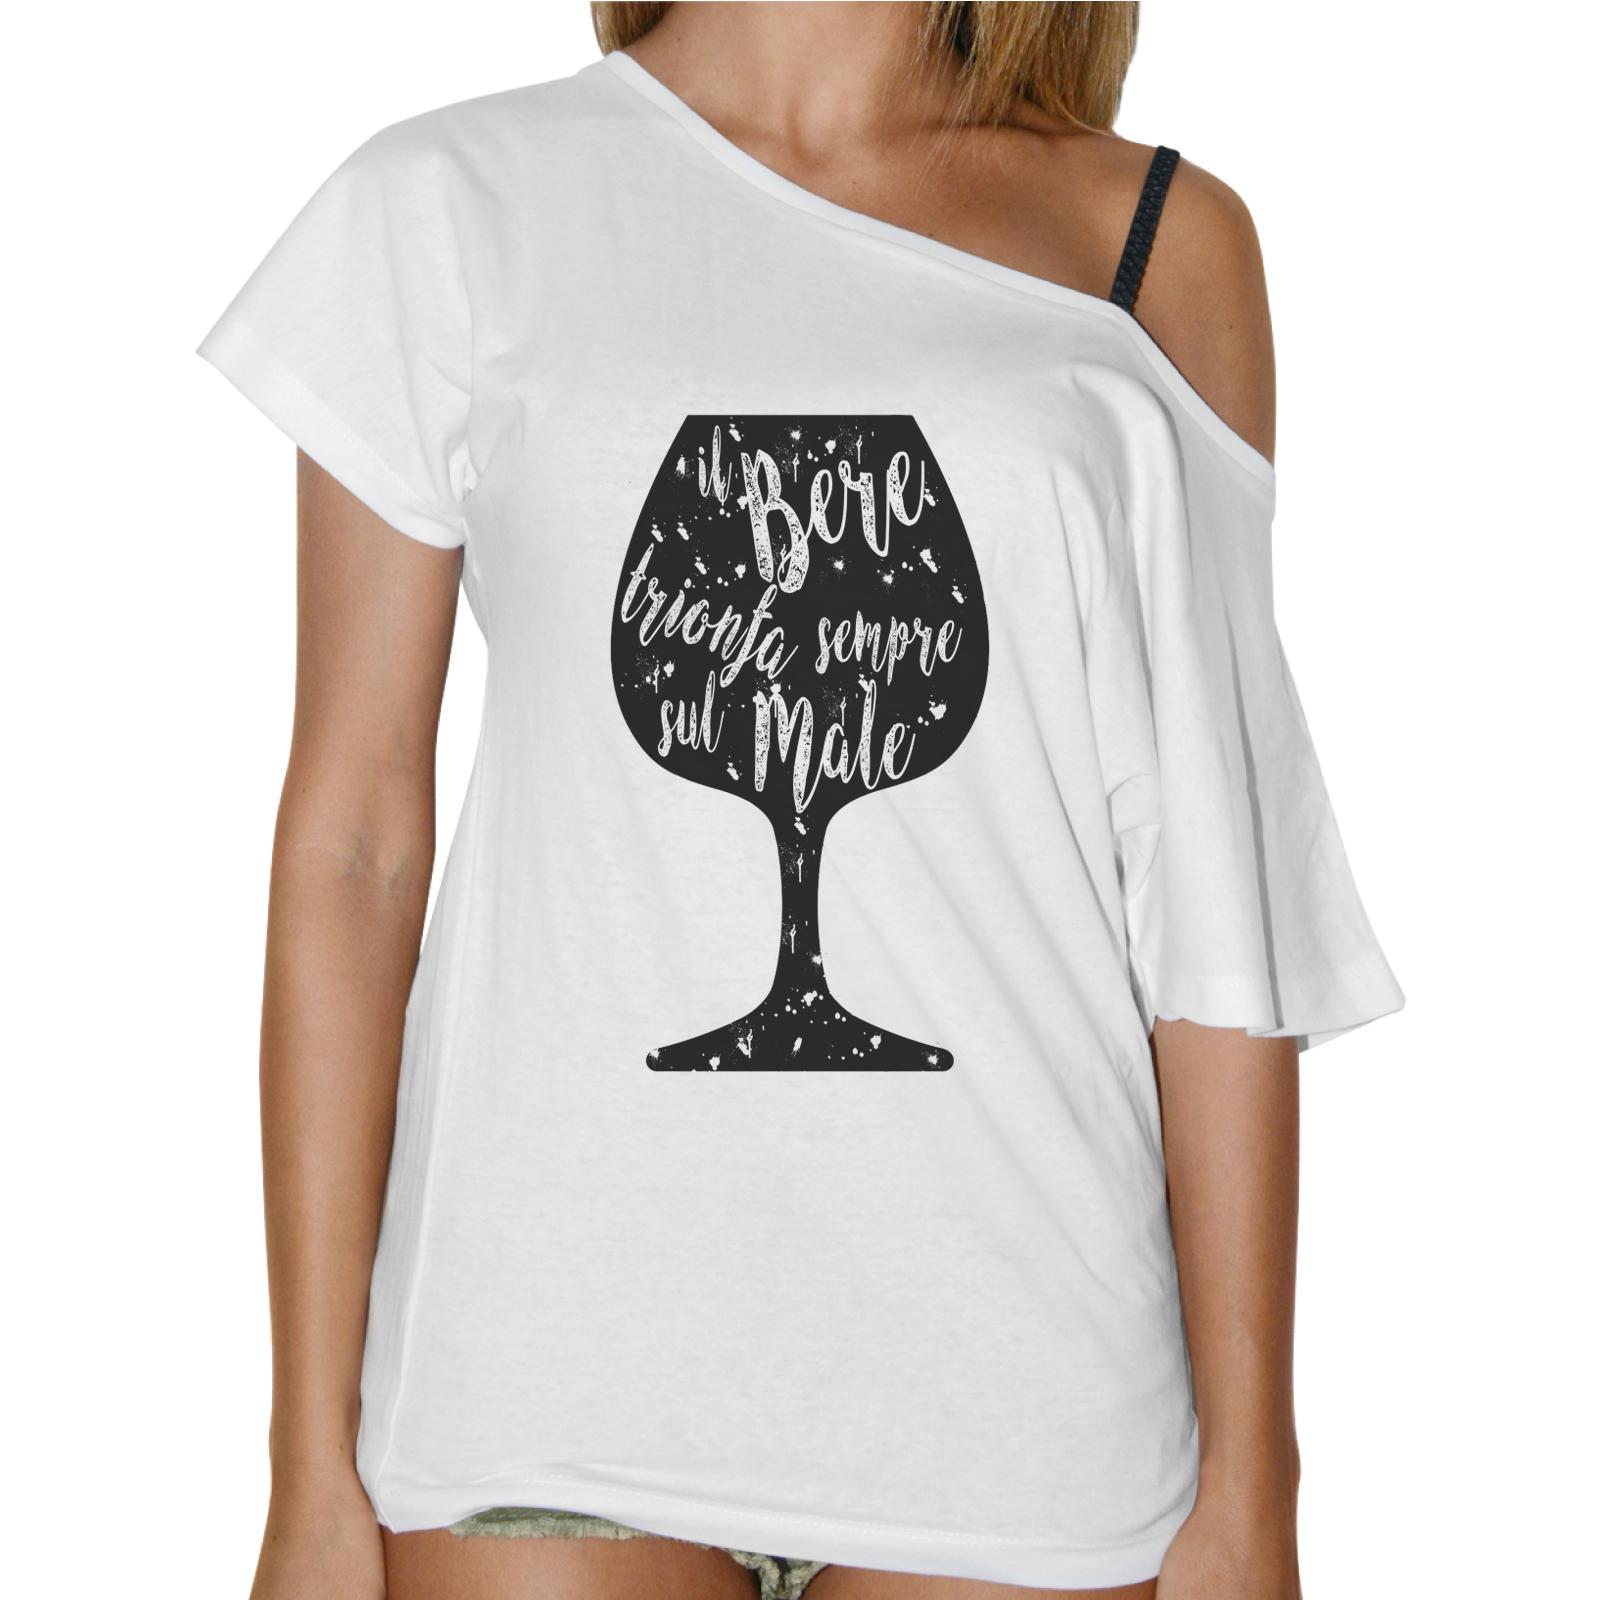 T-Shirt Donna Collo Barca IL BERE TRIONFA